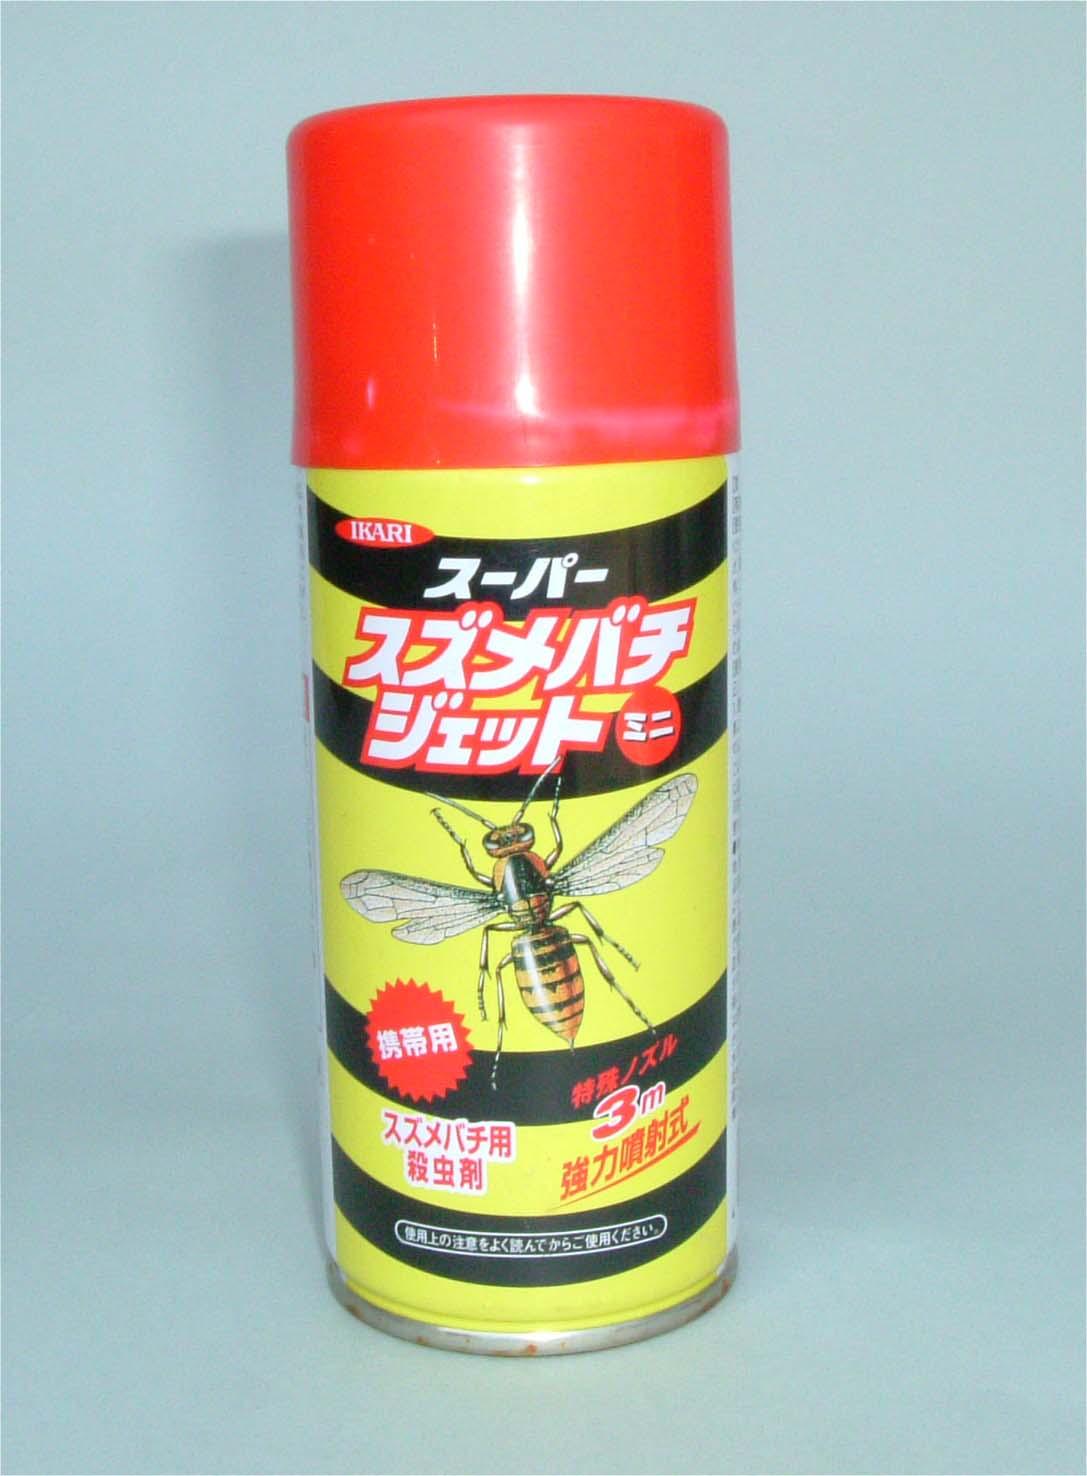 イカリ消毒(株)/スーパースズメバチジェット(スズメバチ殺虫剤)